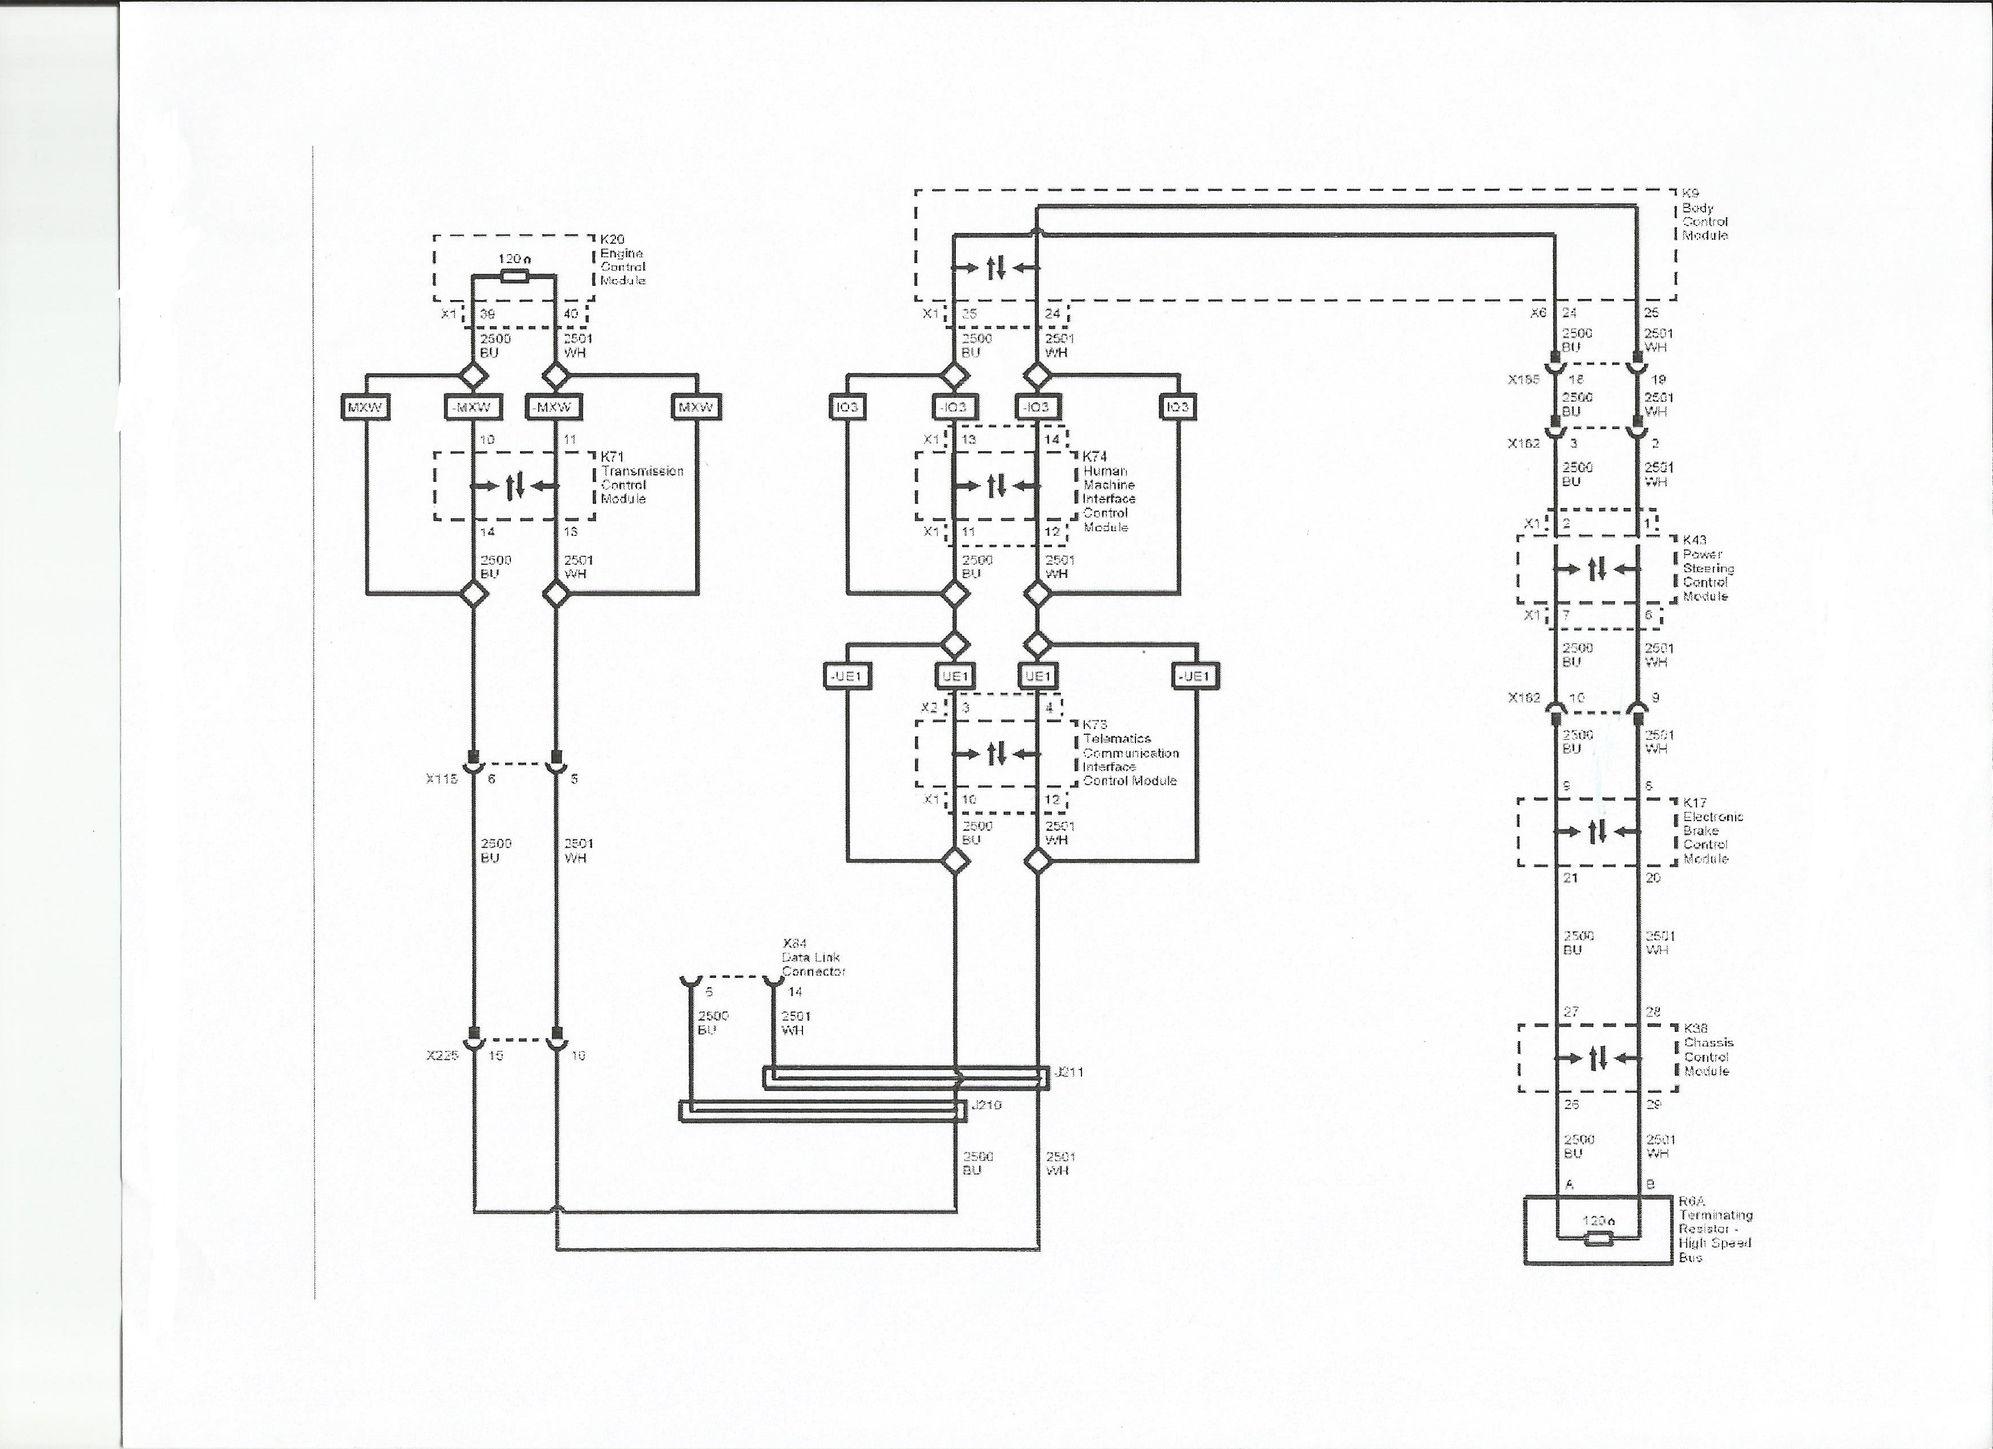 2000 5.3 wiring diagram